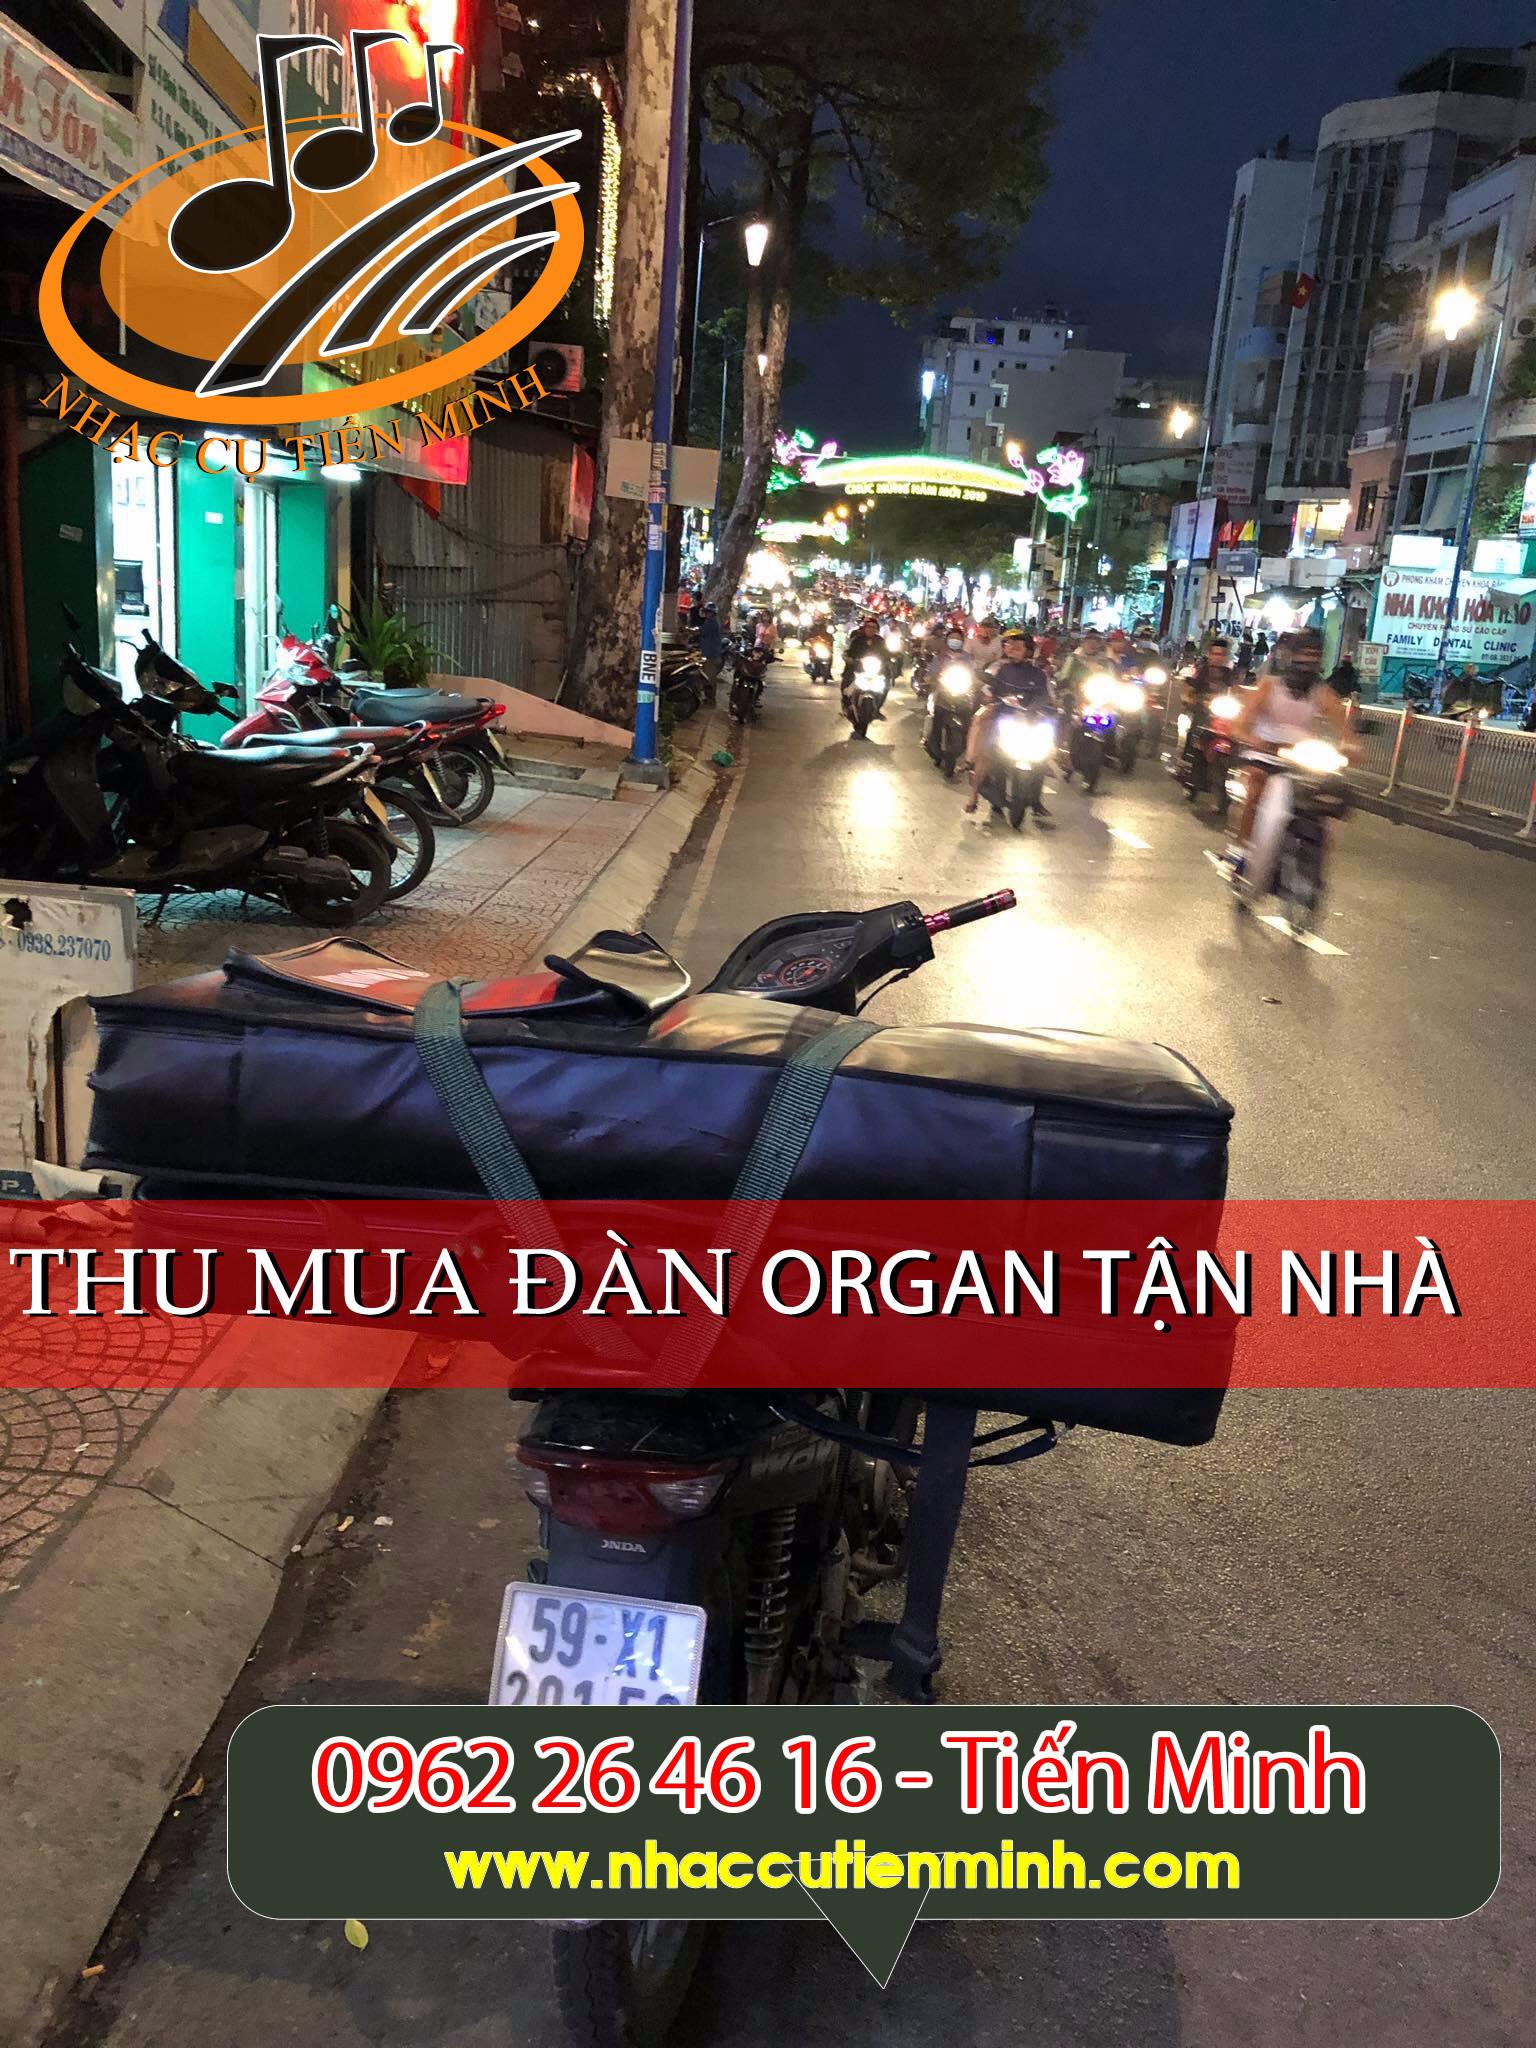 Thu mua organ tại nhà khách hàng nội thành Tphcm